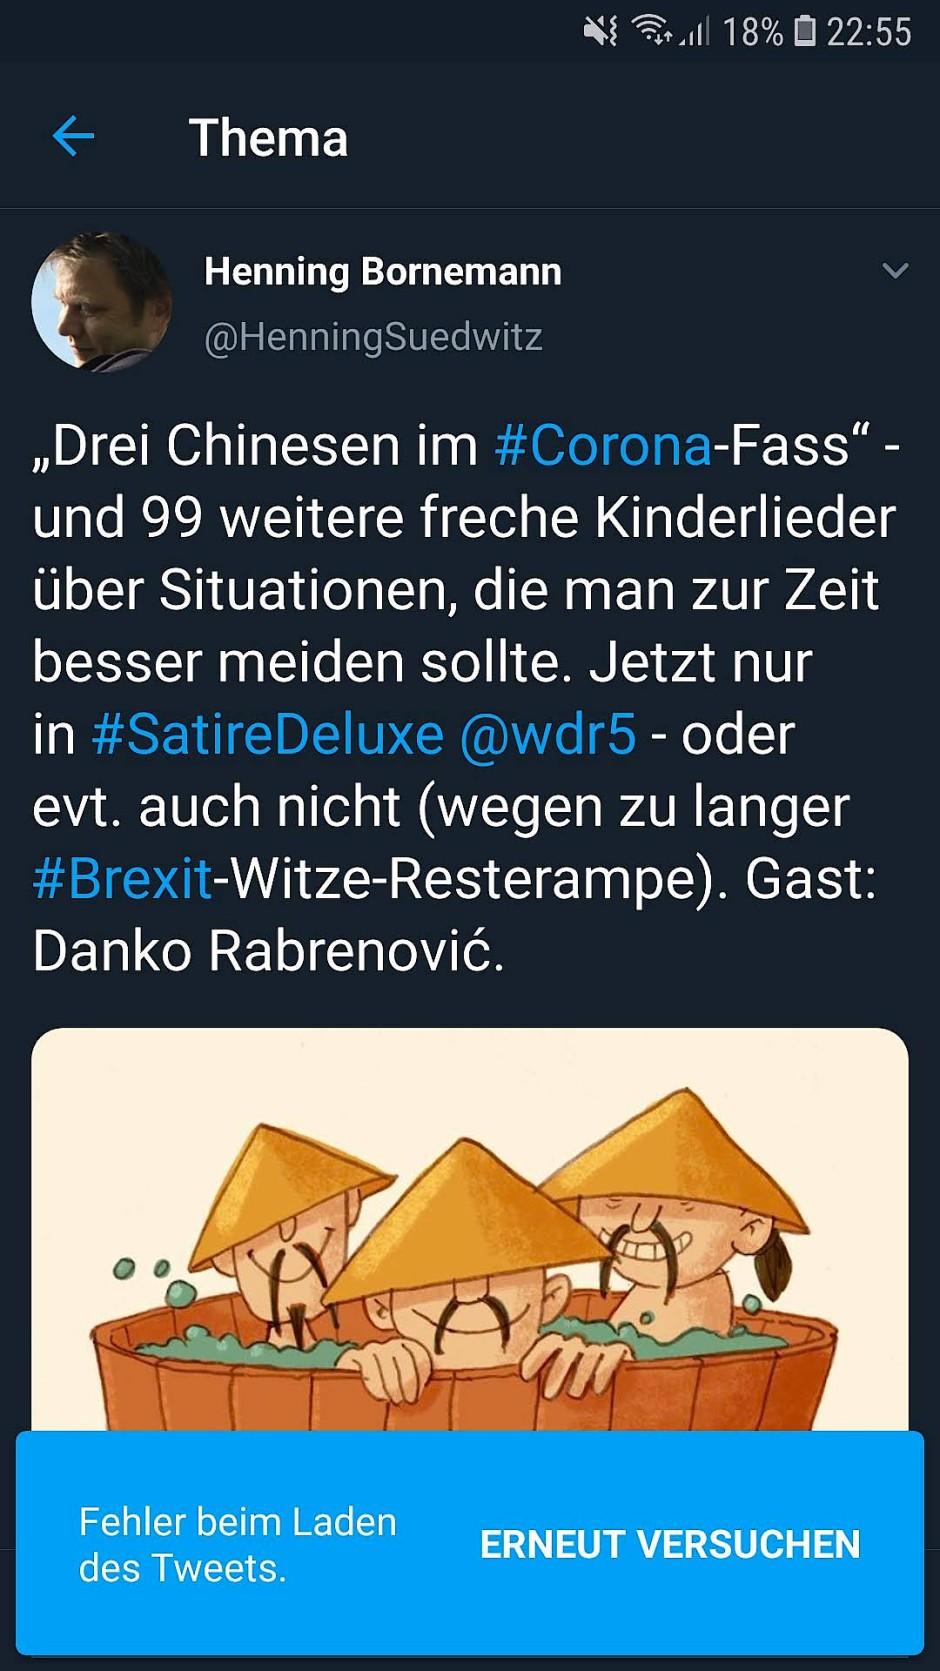 """Diesen Tweet hat Henning Bornemann mittlerweile gelöscht. Er kündigte damit vermeintlich ein """"Satirelied"""" mit dem Titel """"Drei Chinesen im #Corona-Fass an"""""""